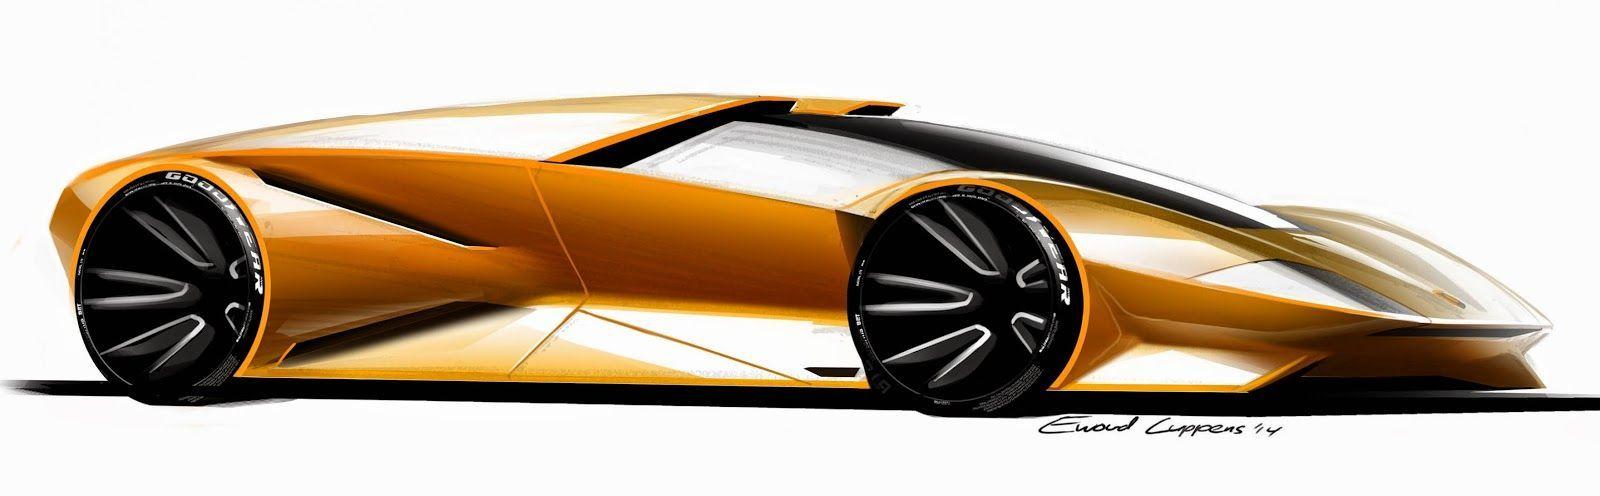 Pin By Kare On Lamborghini Lamborghini Concept Car Design Sketch